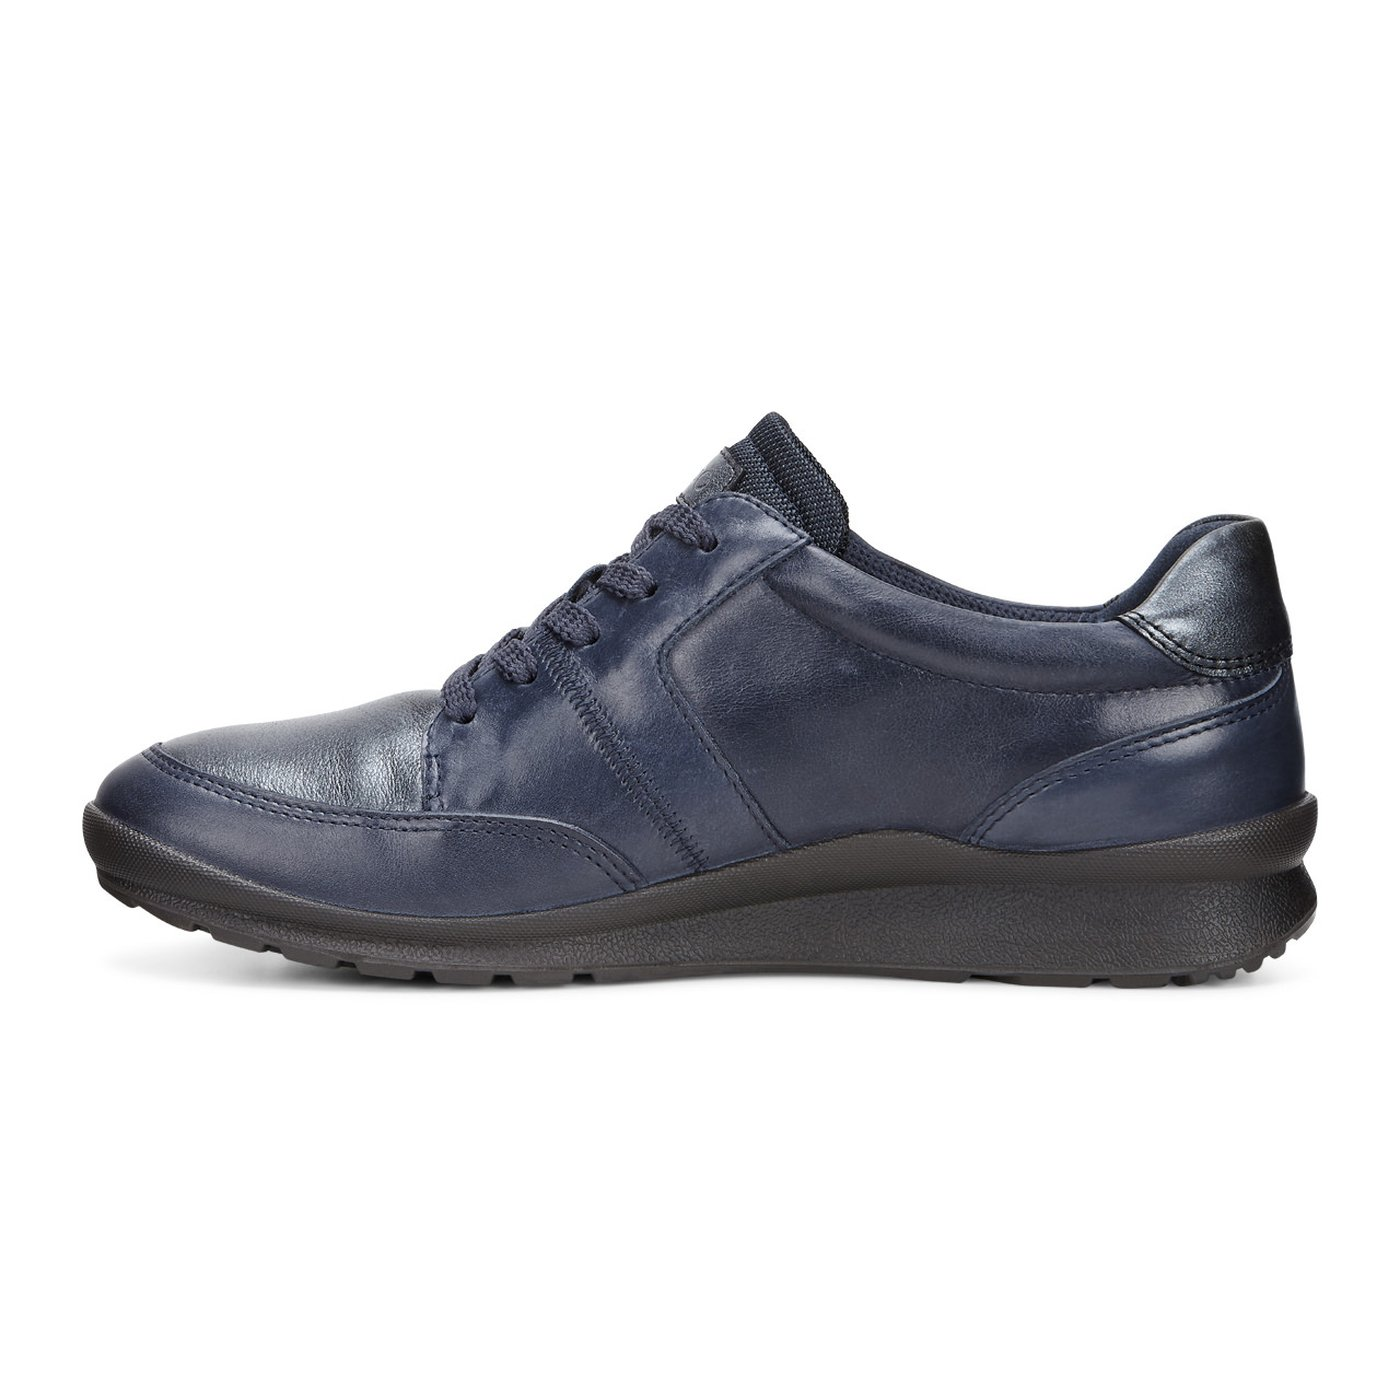 ECCO MOBILE III Shoe